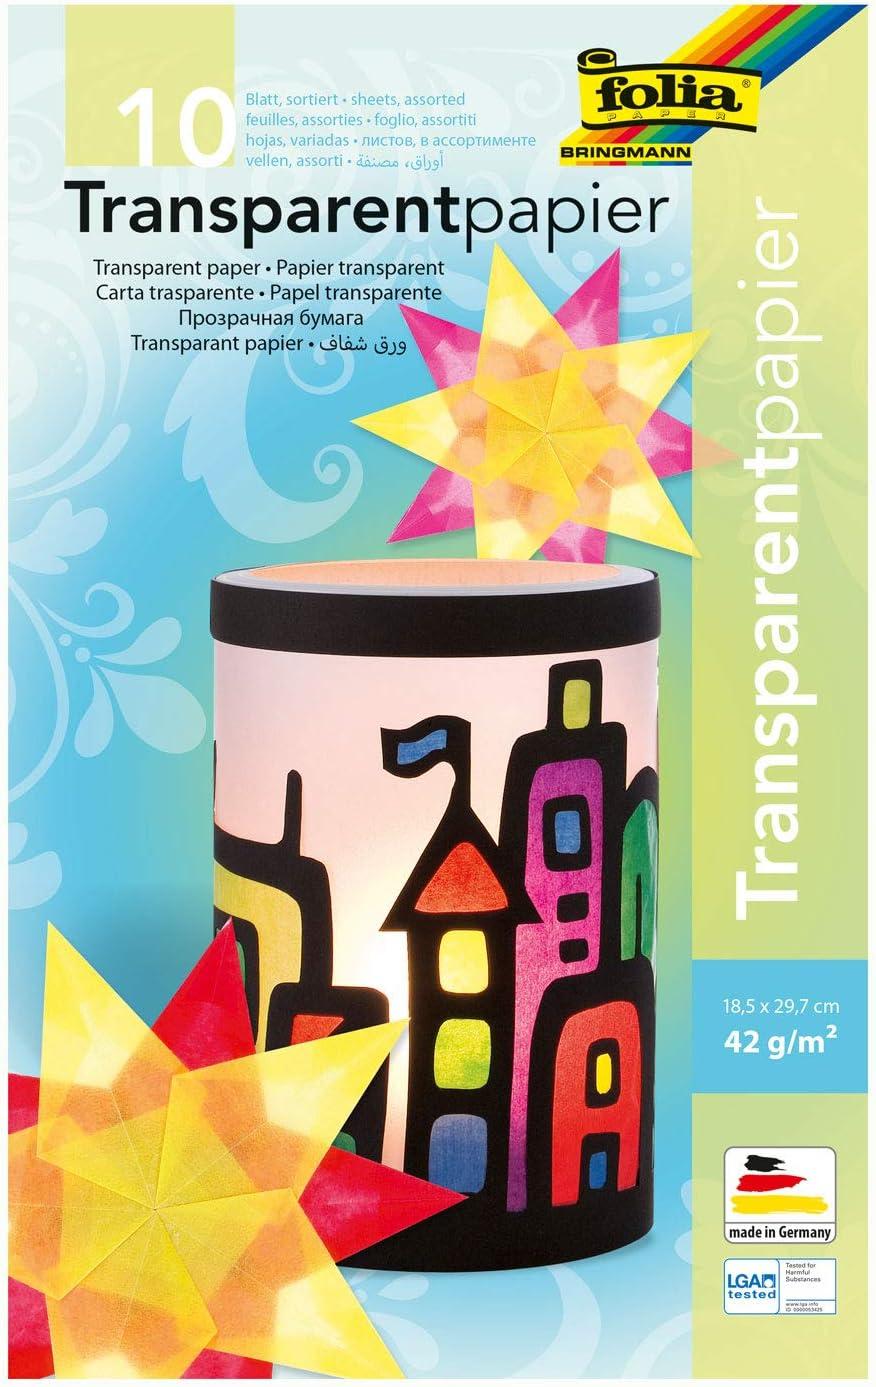 ideal zum Gestalten von Windlichtern 18,5 x 29,7 cm 42 g//qm 10 farbig sortiert ca folia 810 Fensterbildern 10 Blatt Mappe mit Transparentpapier Laternen und vielem mehr